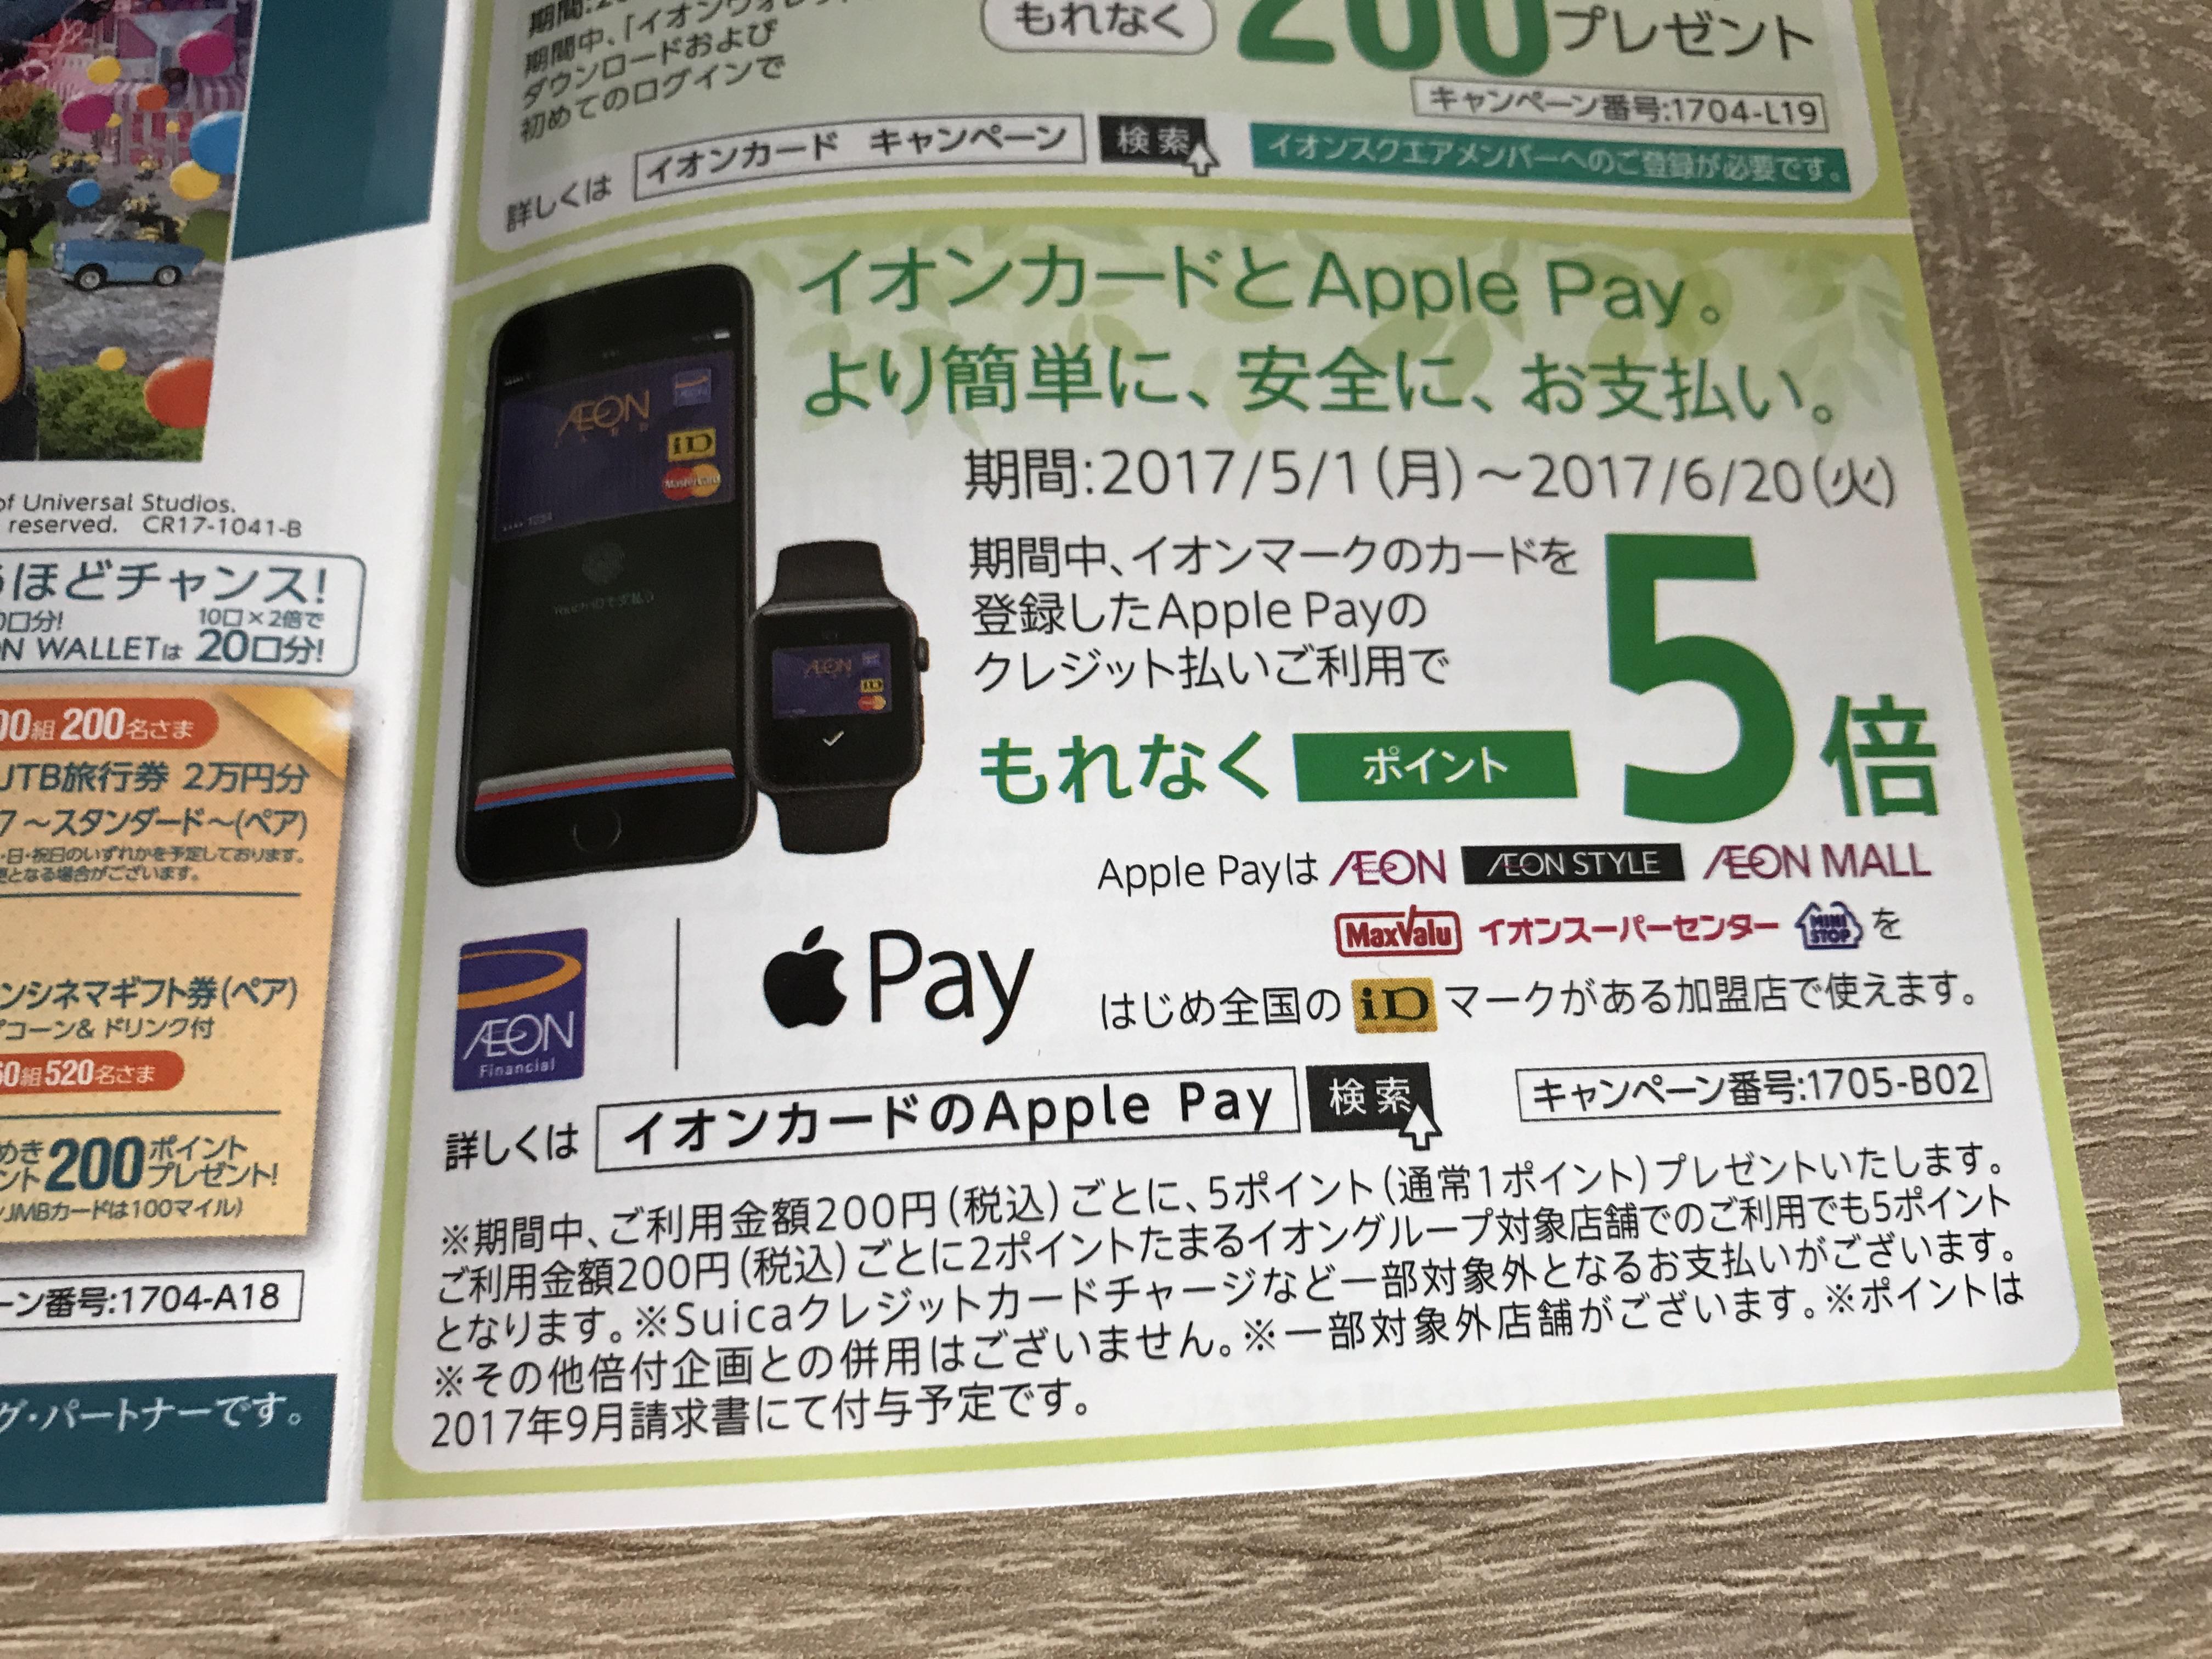 イオンカード、Apple Pay使用でときめきポイント5倍キャンペーン継続。5/1から6/20まで